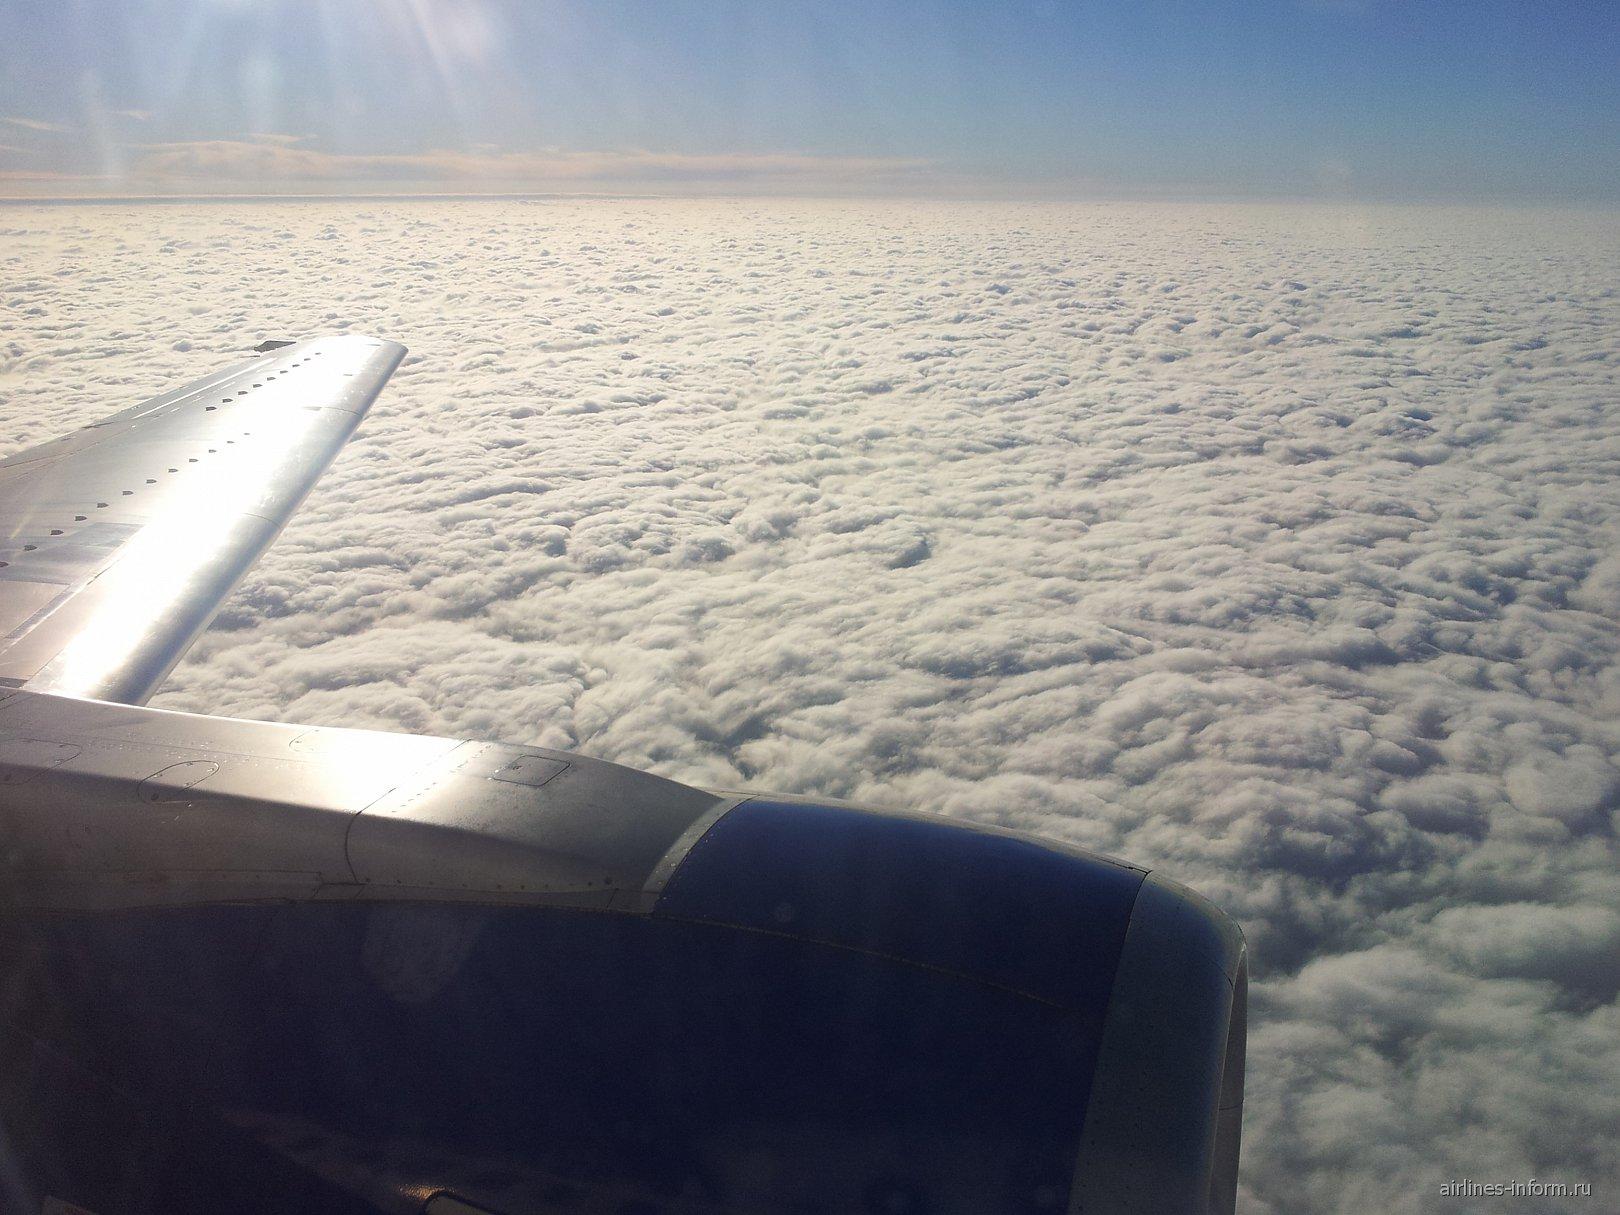 Рейс Ростов-Москва авиакомпании Трансаэро